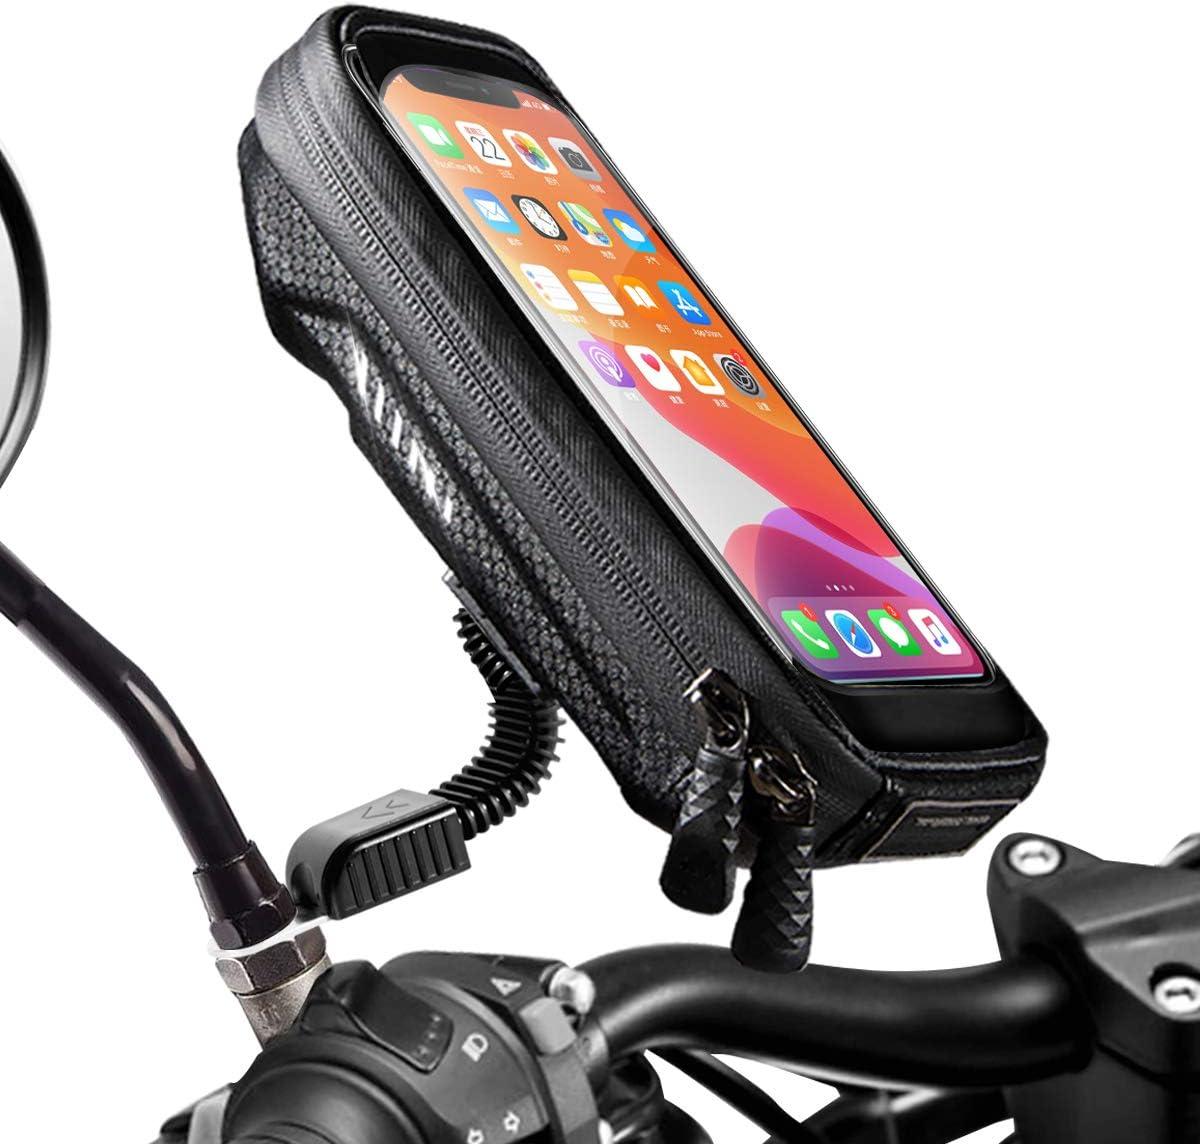 WACCET [Nueva Generación Soporte Movil Moto Impermeable Moto Smartphone Soporte con Cubierta de Lluvia Soporte Movil Scooter para Teléfonos Inteligentes de Menos de 6.5